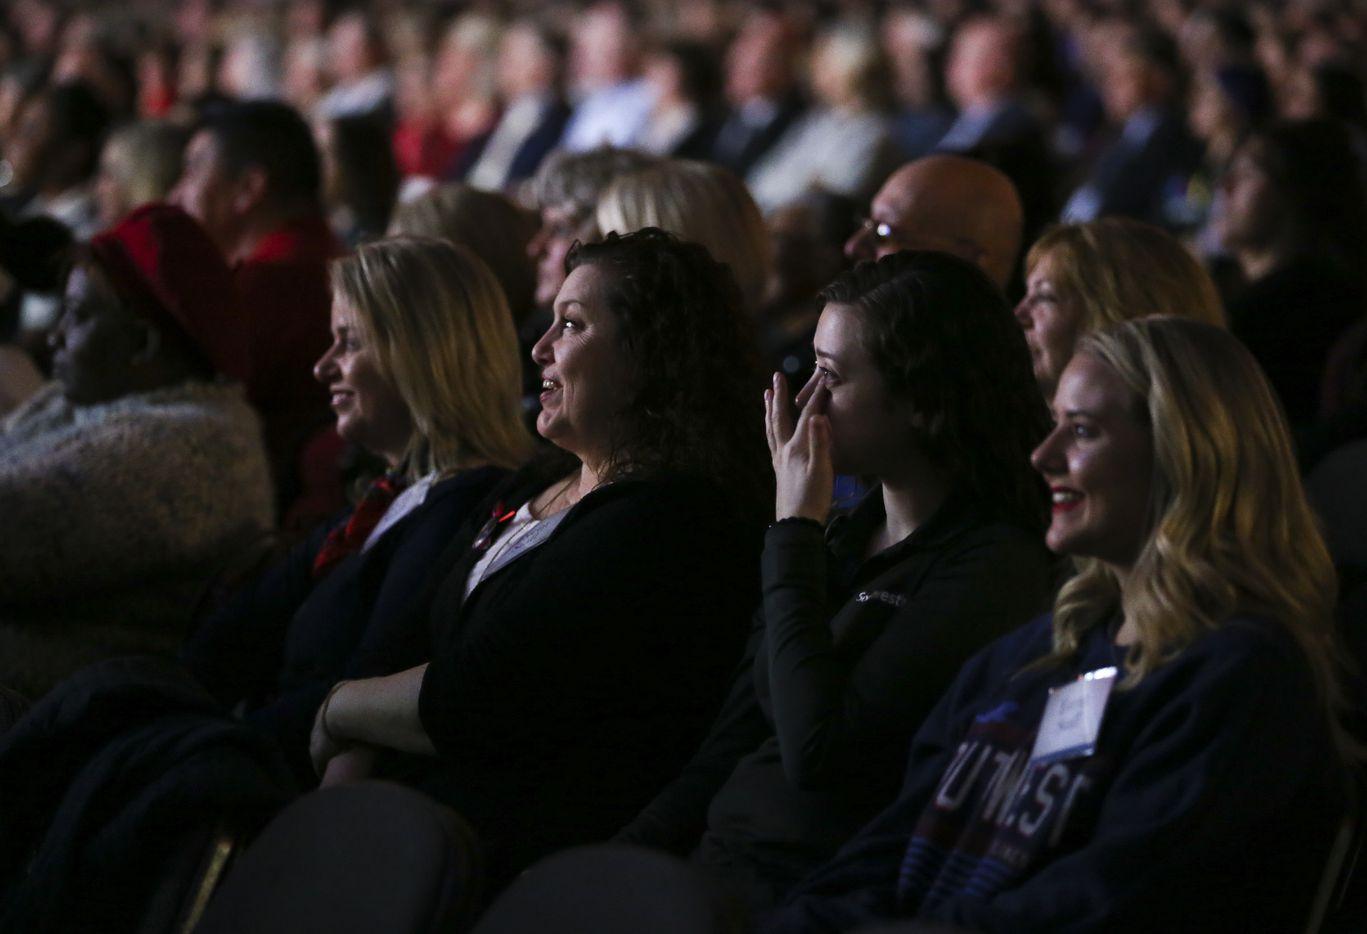 Audience members react as Colleen Barrett tells stories.